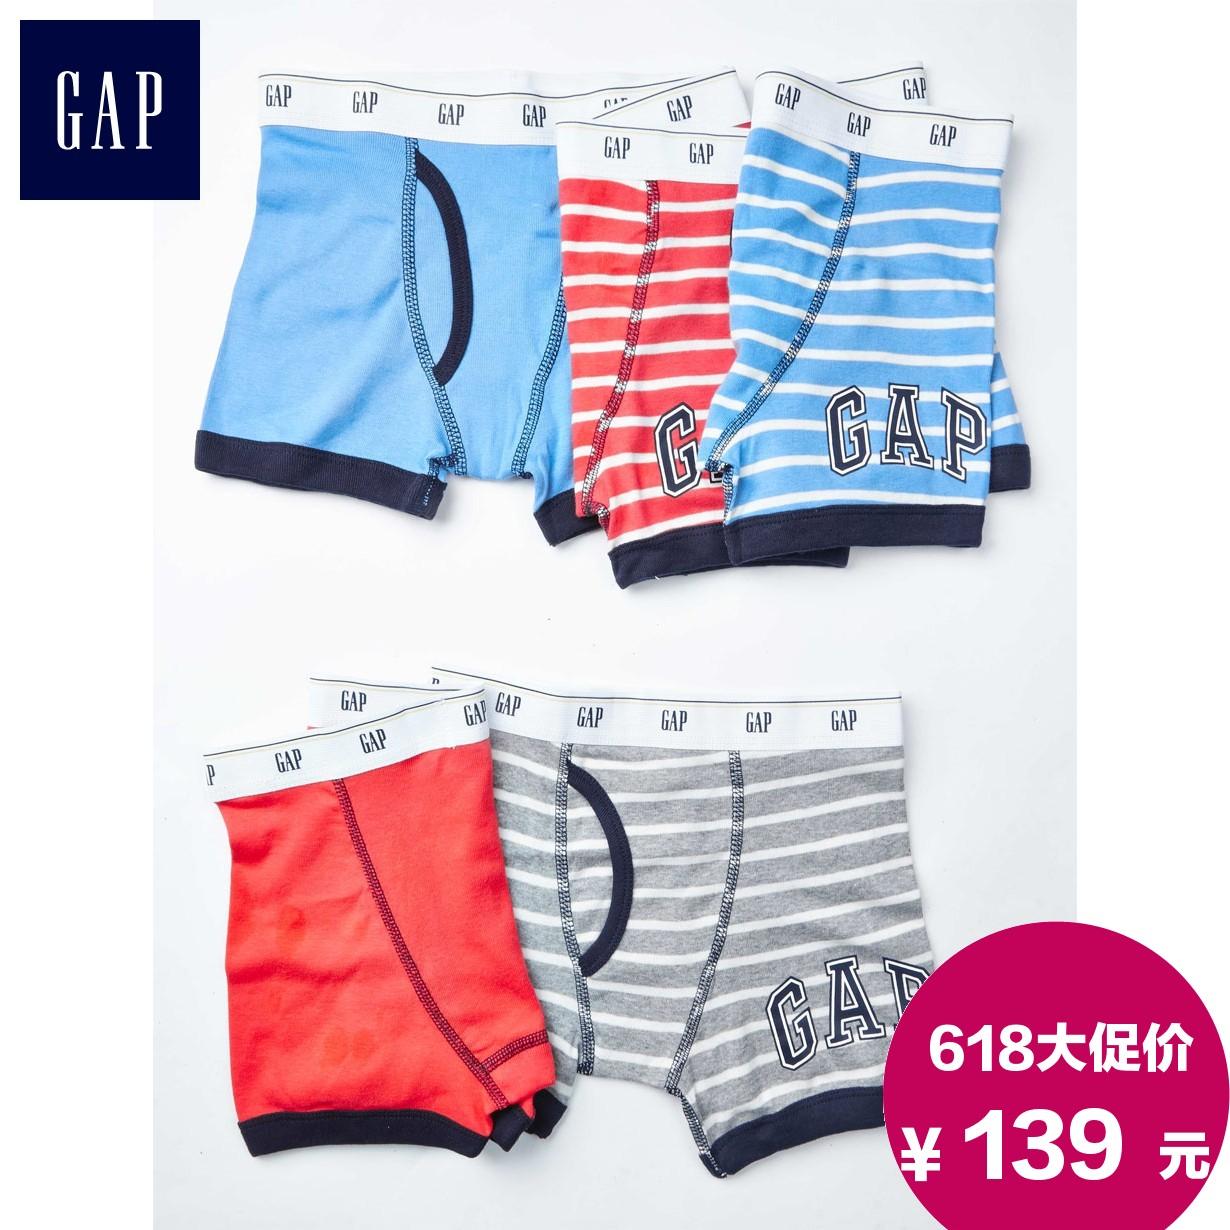 трусы GAP 000415387 415387 199 майка gap gap 15